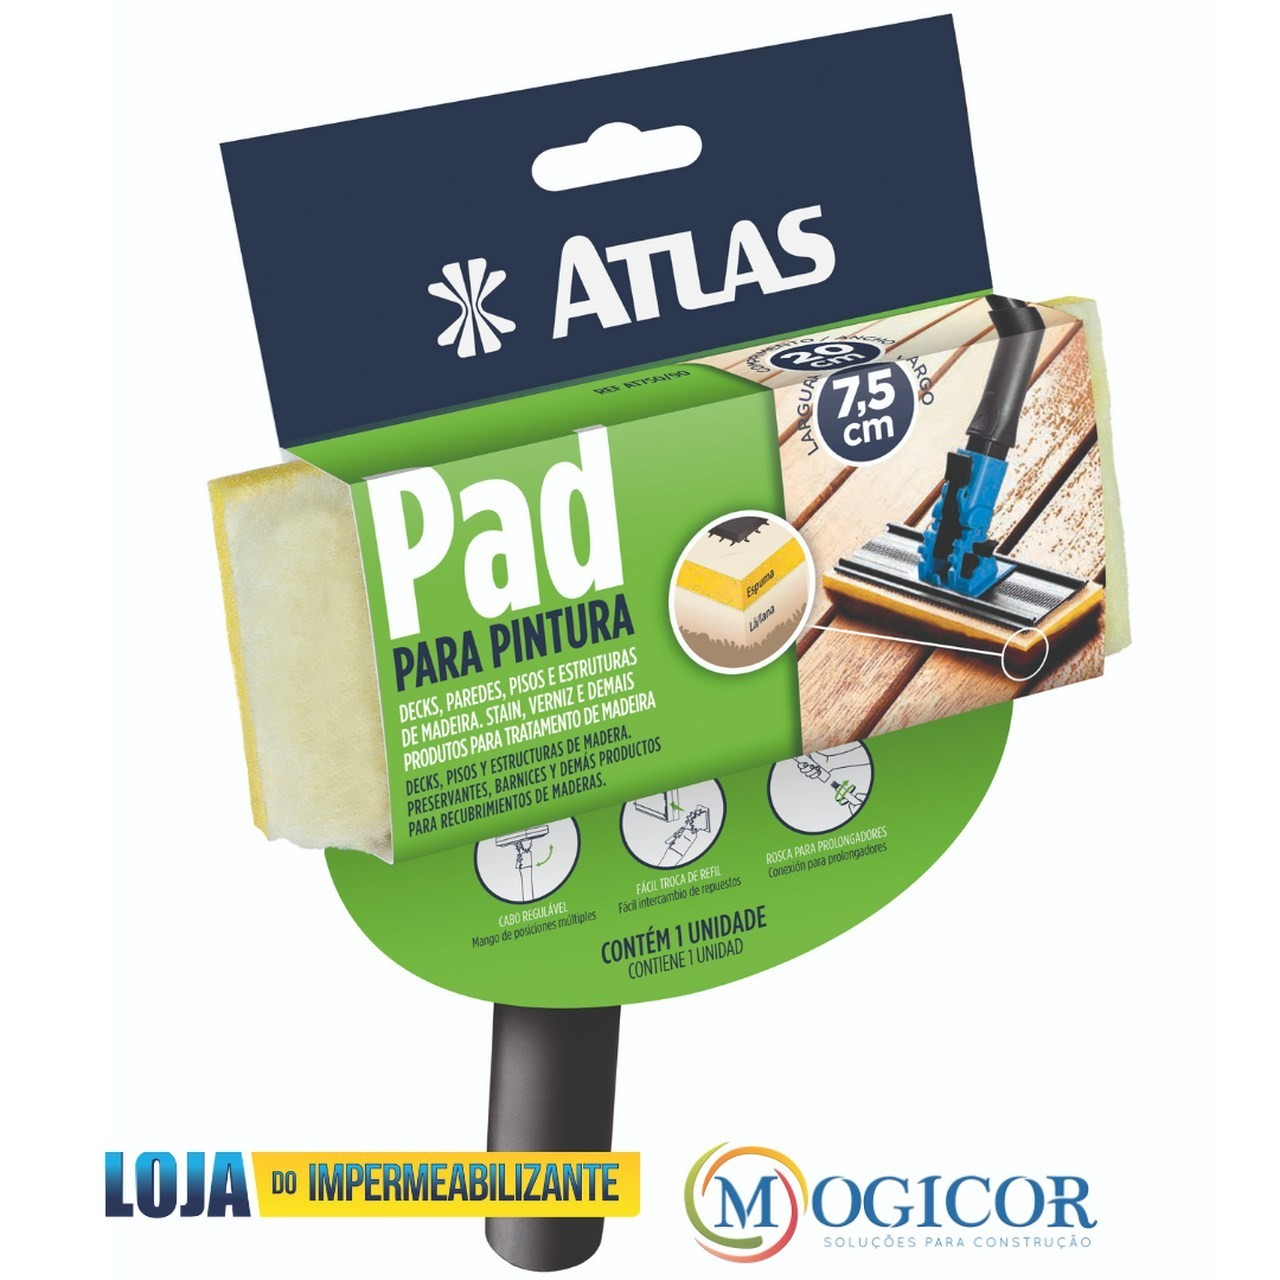 Pad Atlas para Pintura De Decks, Paredes, Pisos - Para verniz e stains